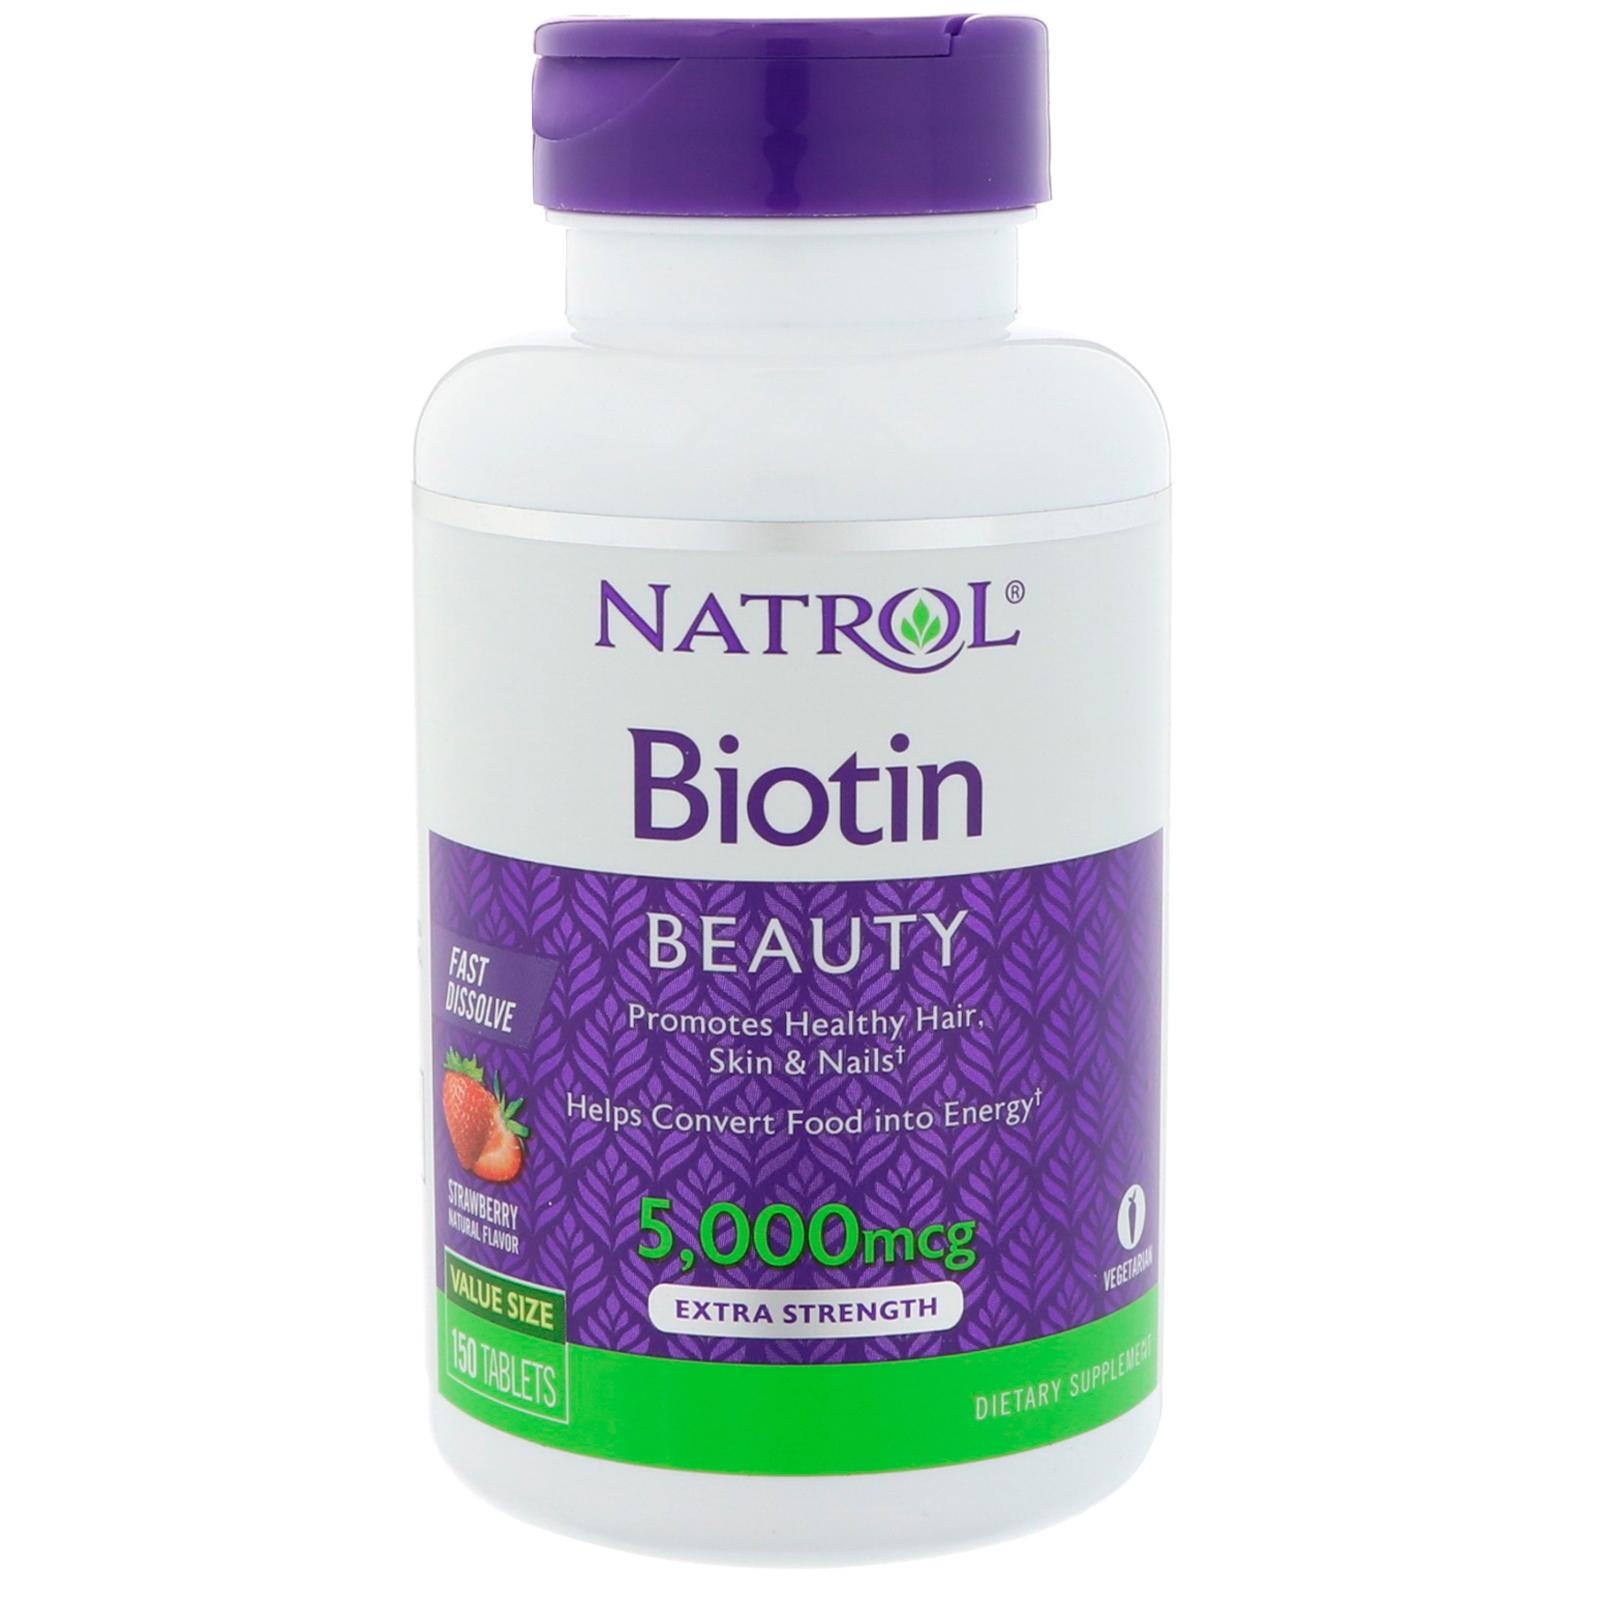 Natrol biotin 5000 mcg extra strength